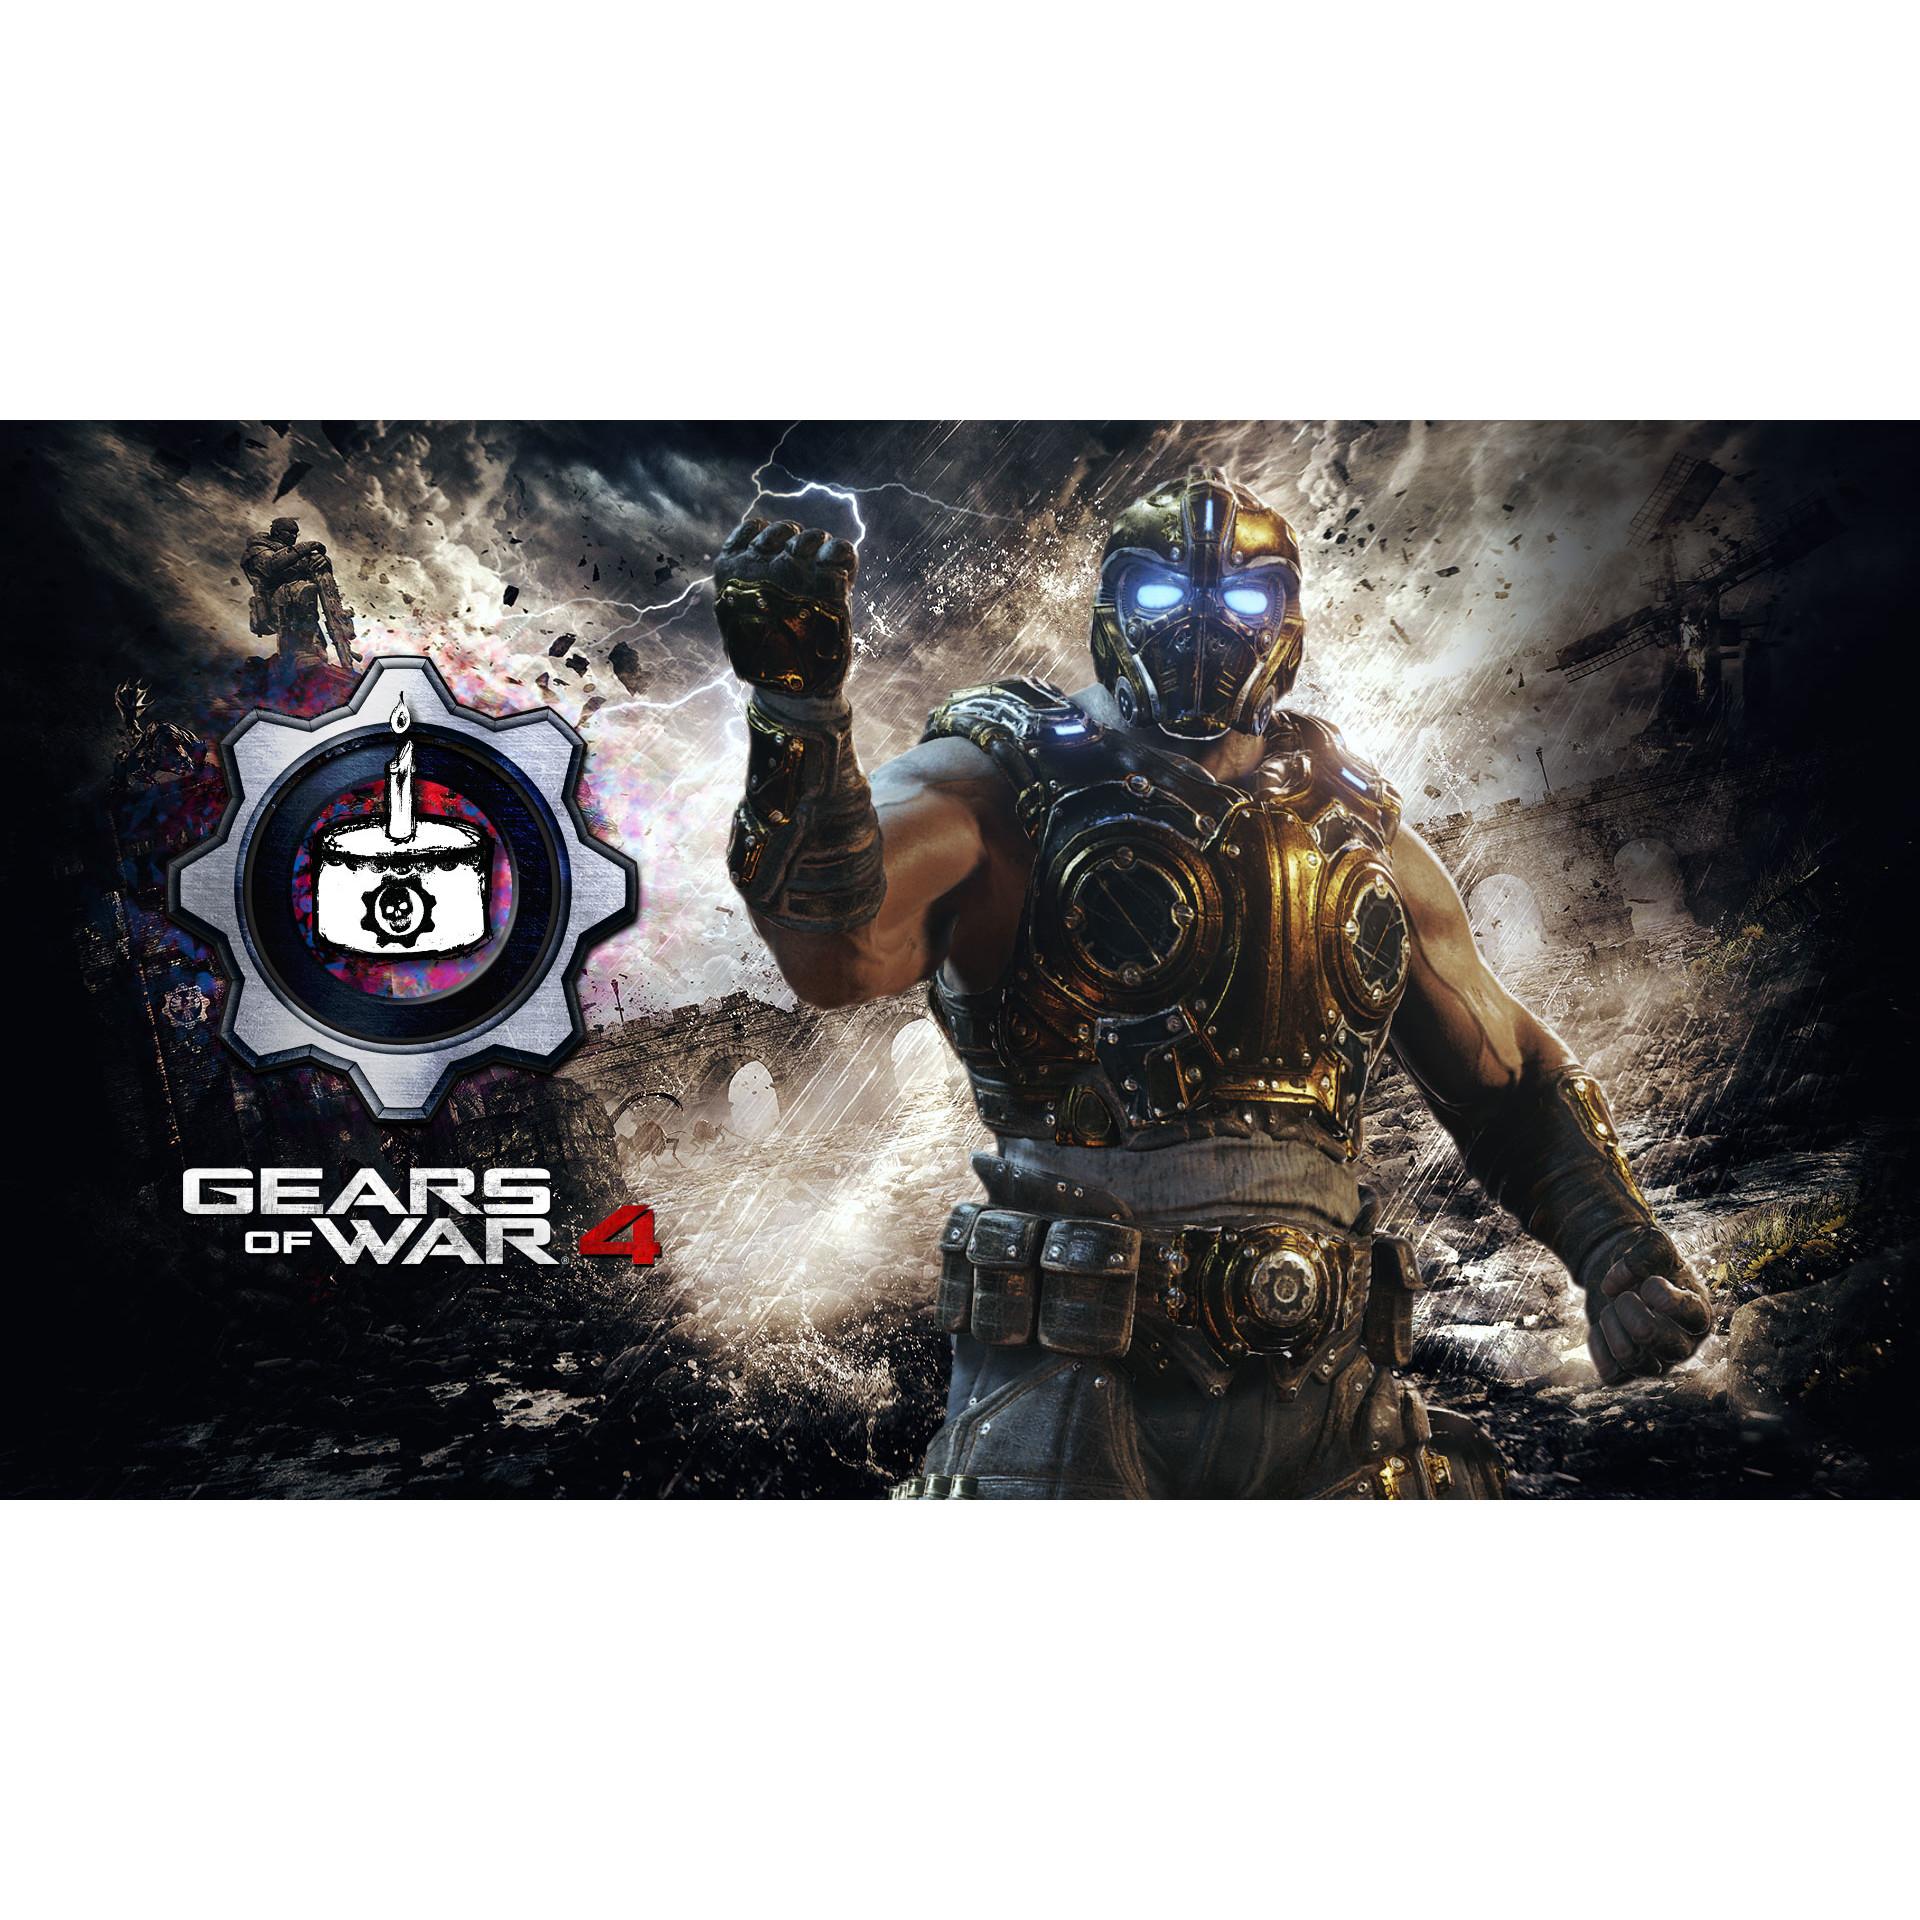 Joc Gears of War 4 XBOX LIVE + Windows 10 Key 1